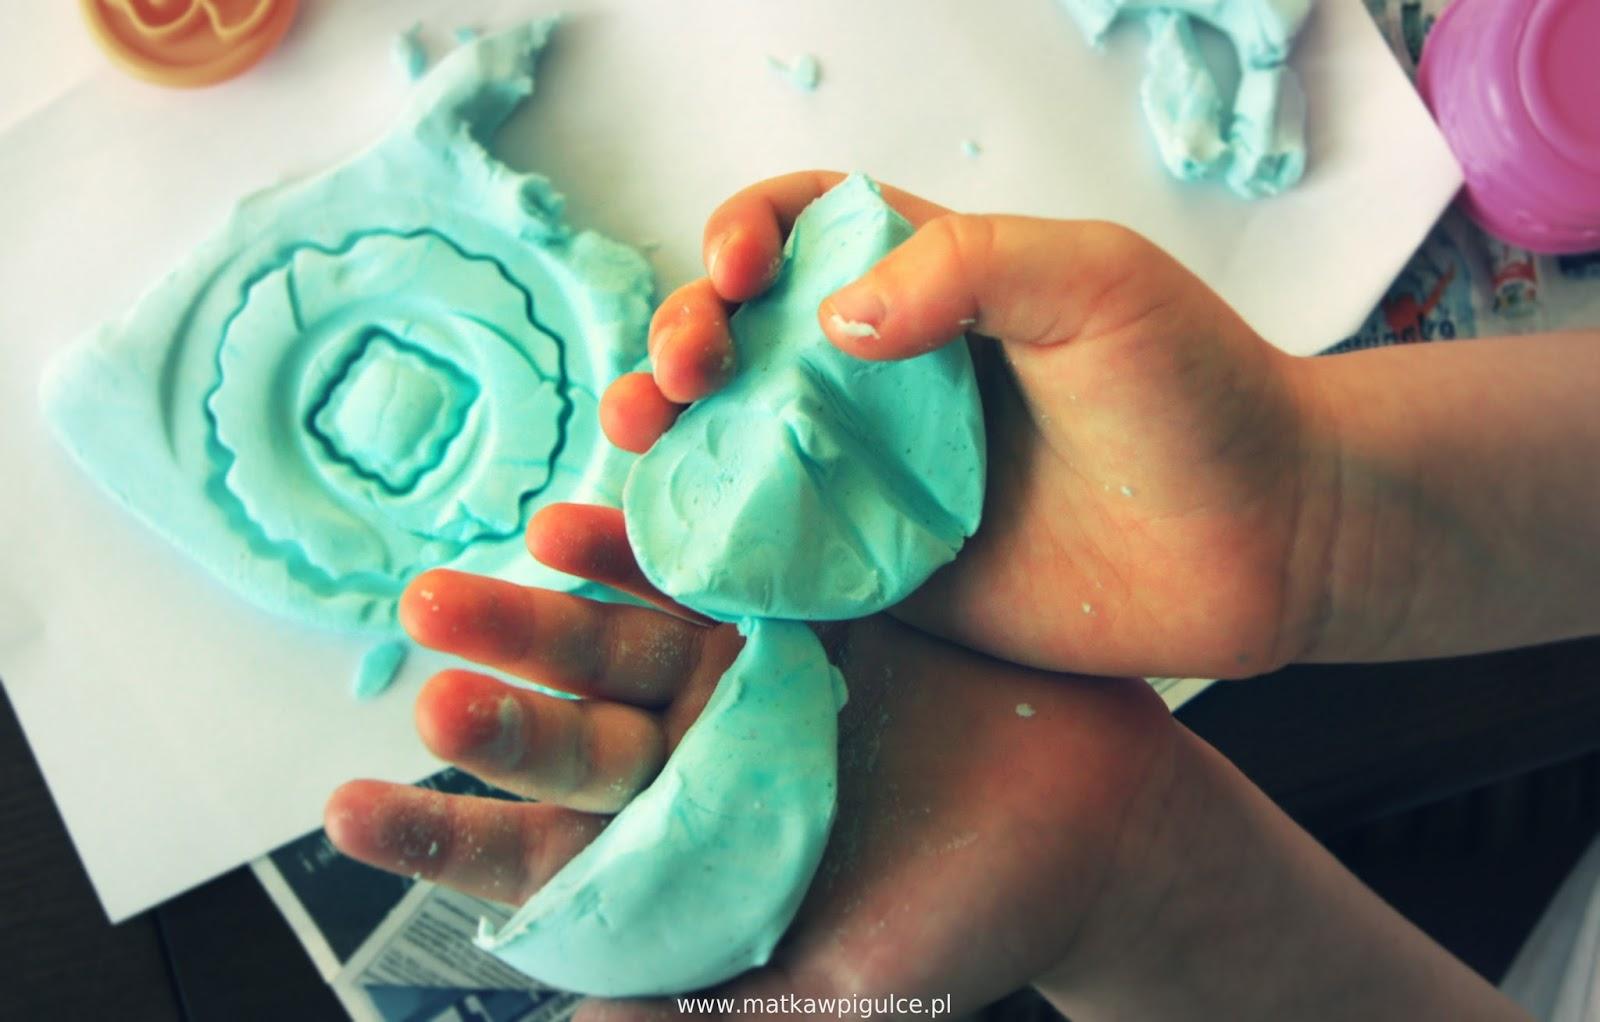 Ciastolina, masa solna, kreatywne zabawy z dzieckiem.